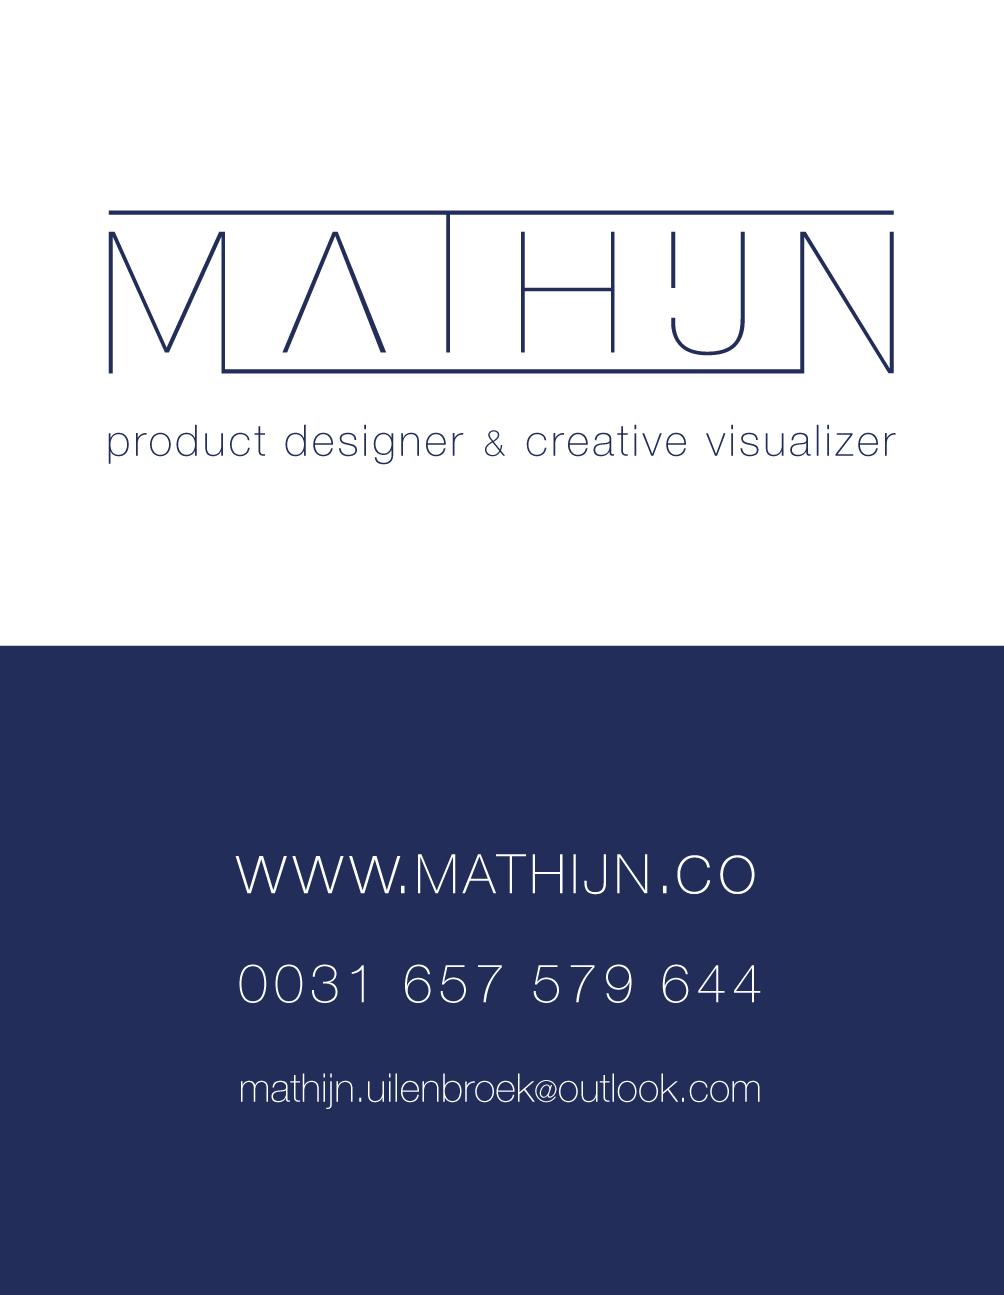 Business Card_MATHIJN.png